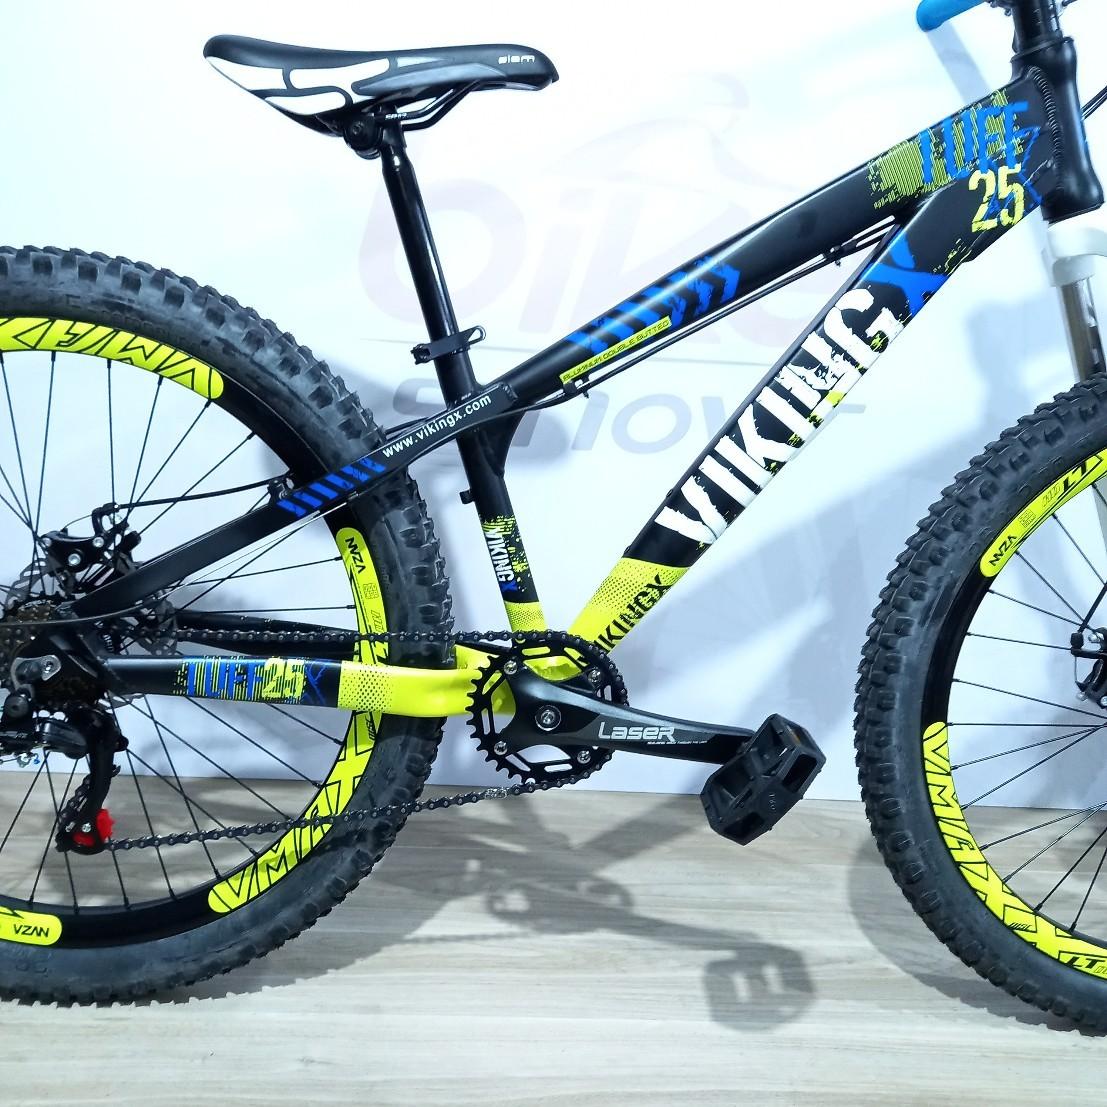 Bicicleta VIKING Tuff X-25 aro 26 - 7v Shimano Tourney - Freio a Disco Veloforce - Suspensão Voox toda em alumínio